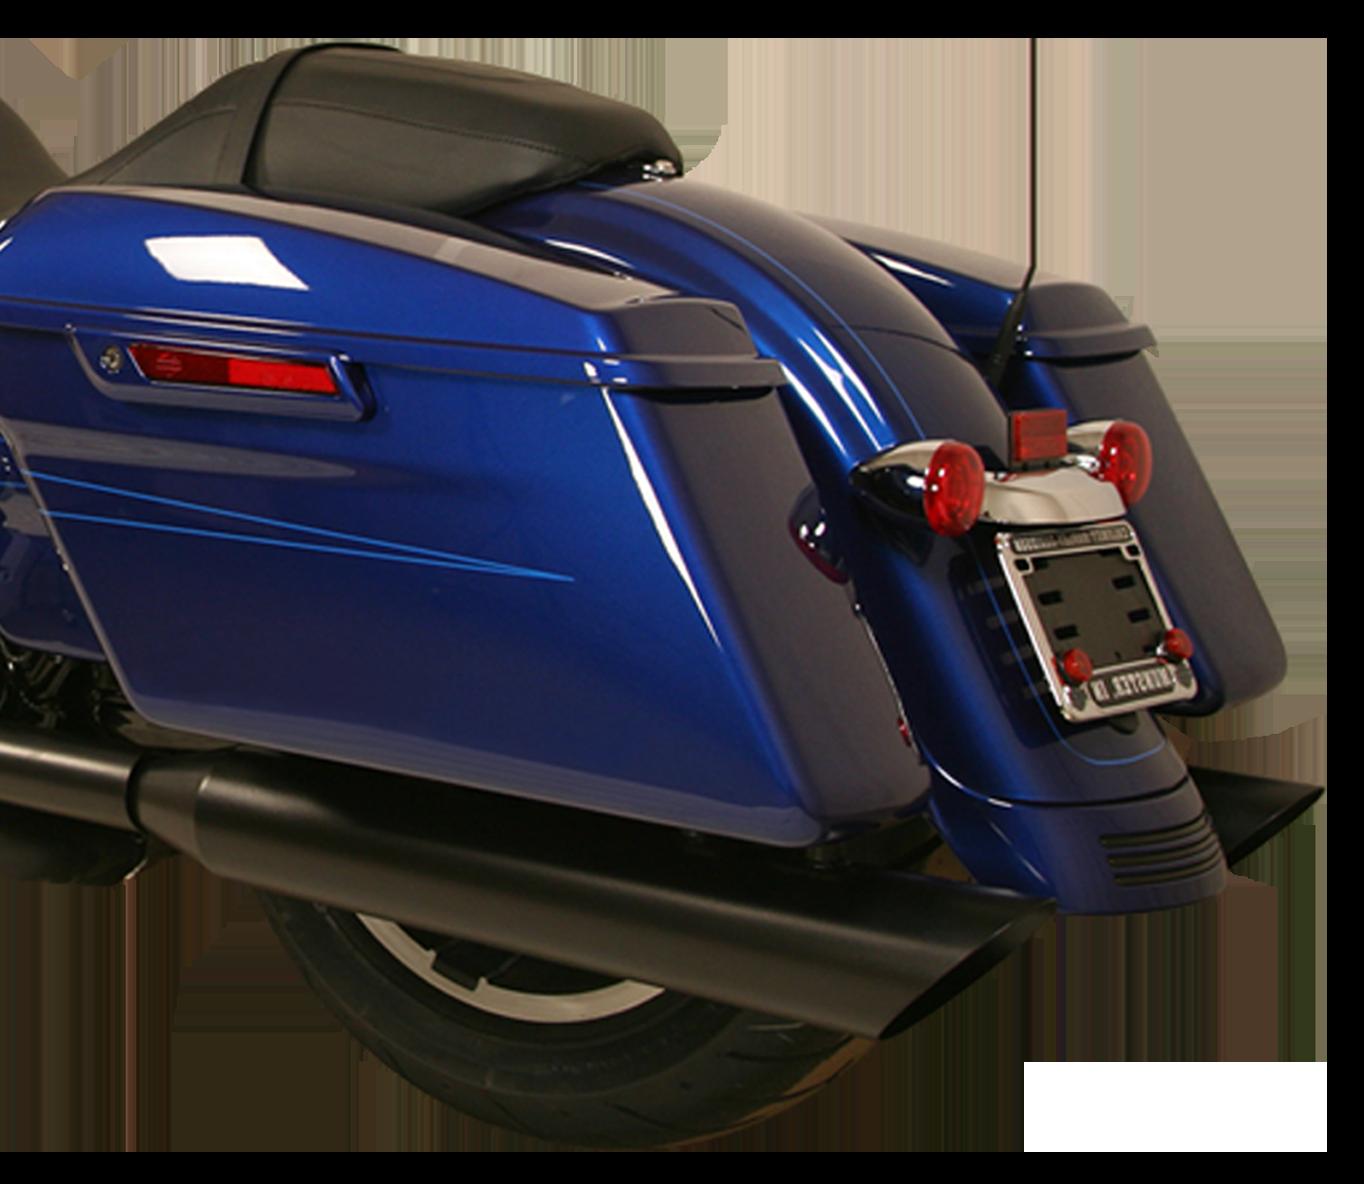 Harley - 32S11-Gangster-Black-Rearend